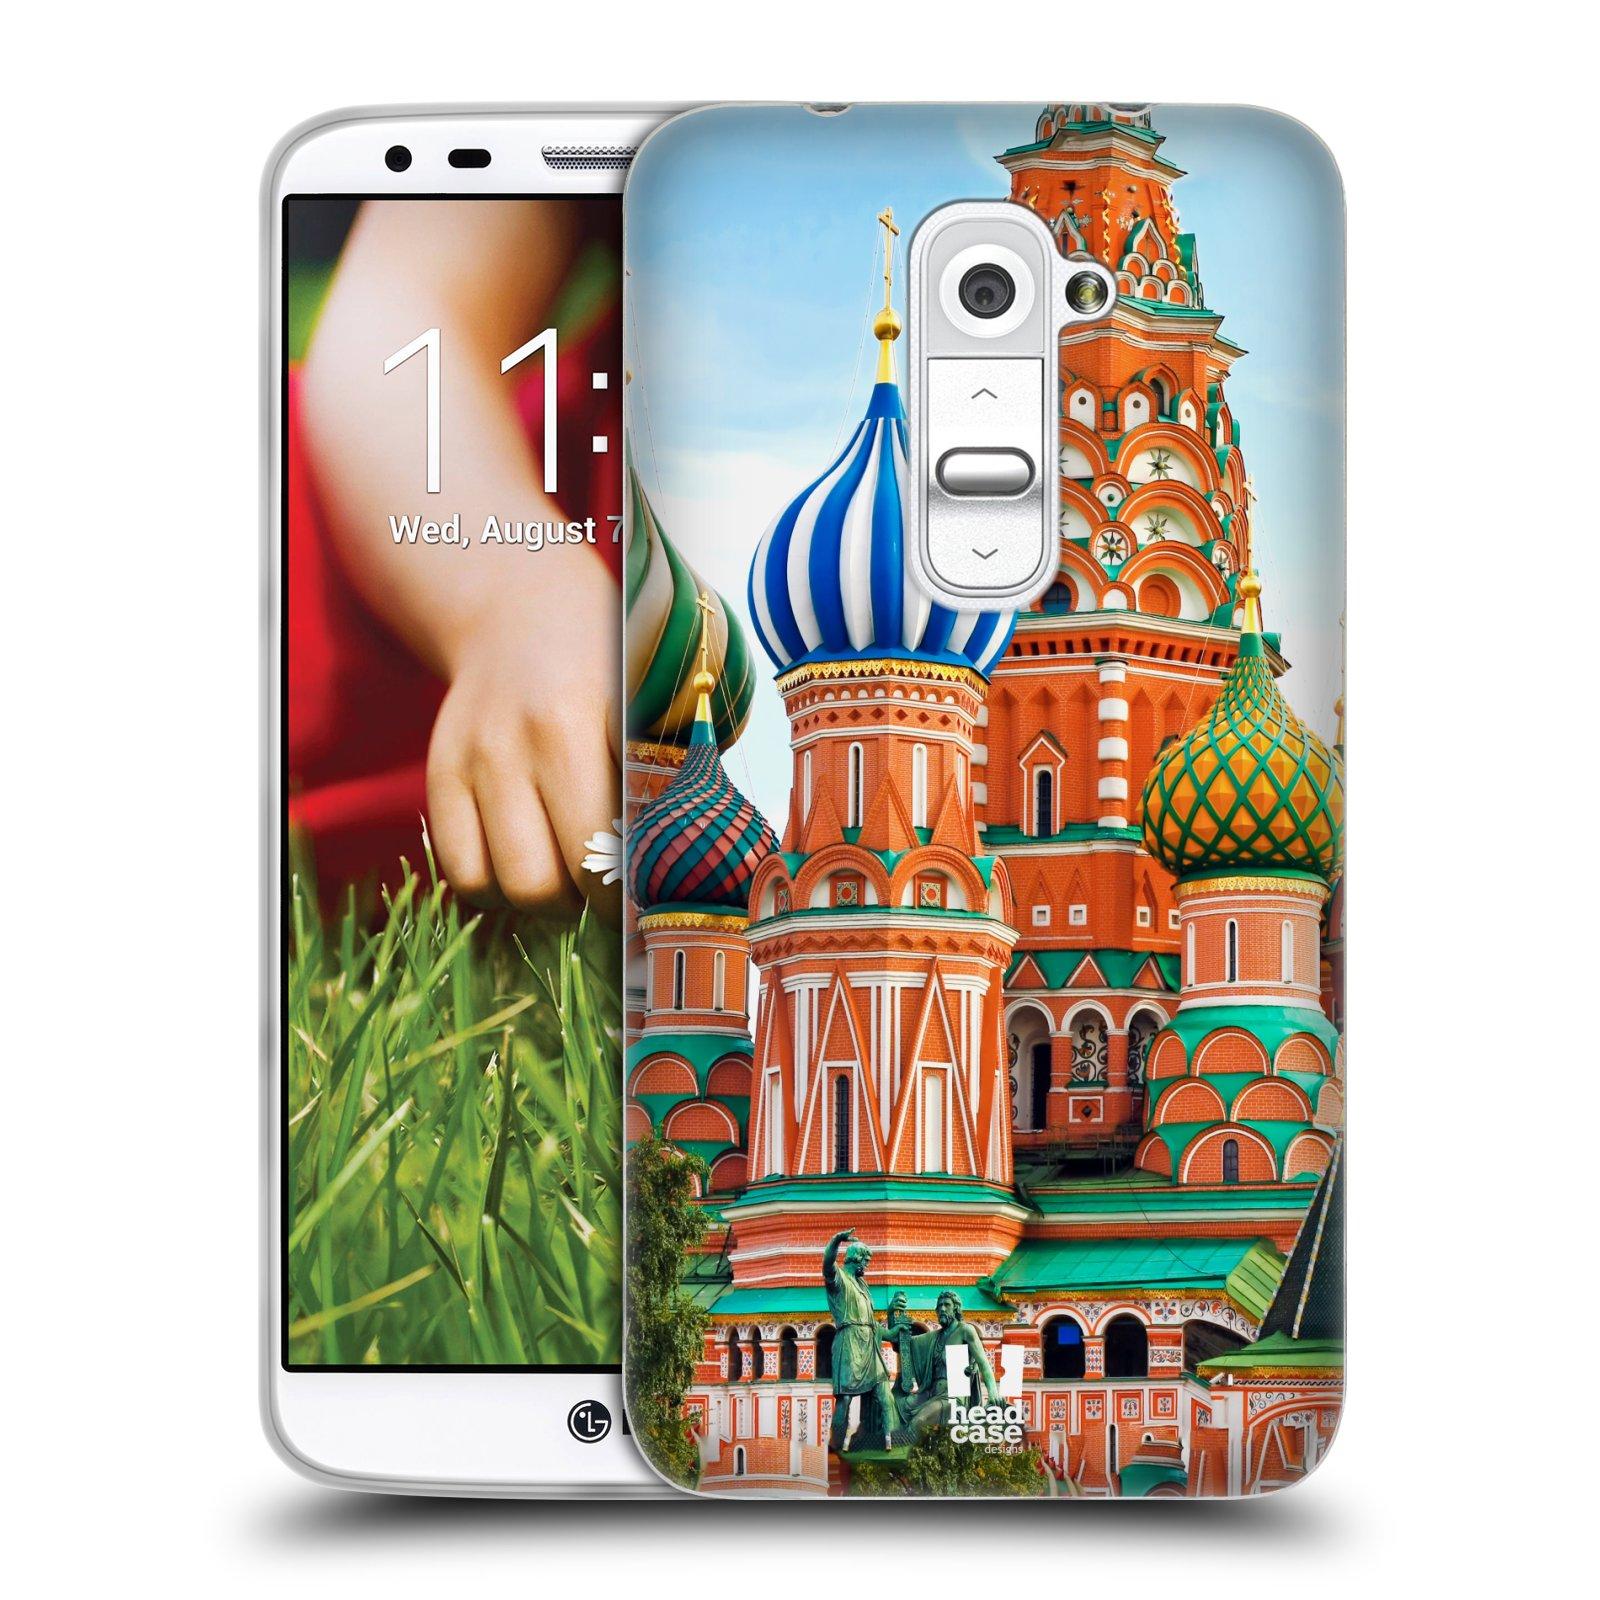 HEAD CASE silikonový obal na mobil LG G2 vzor Města foto náměstí RUSKO,MOSKVA, RUDÉ NÁMĚSTÍ